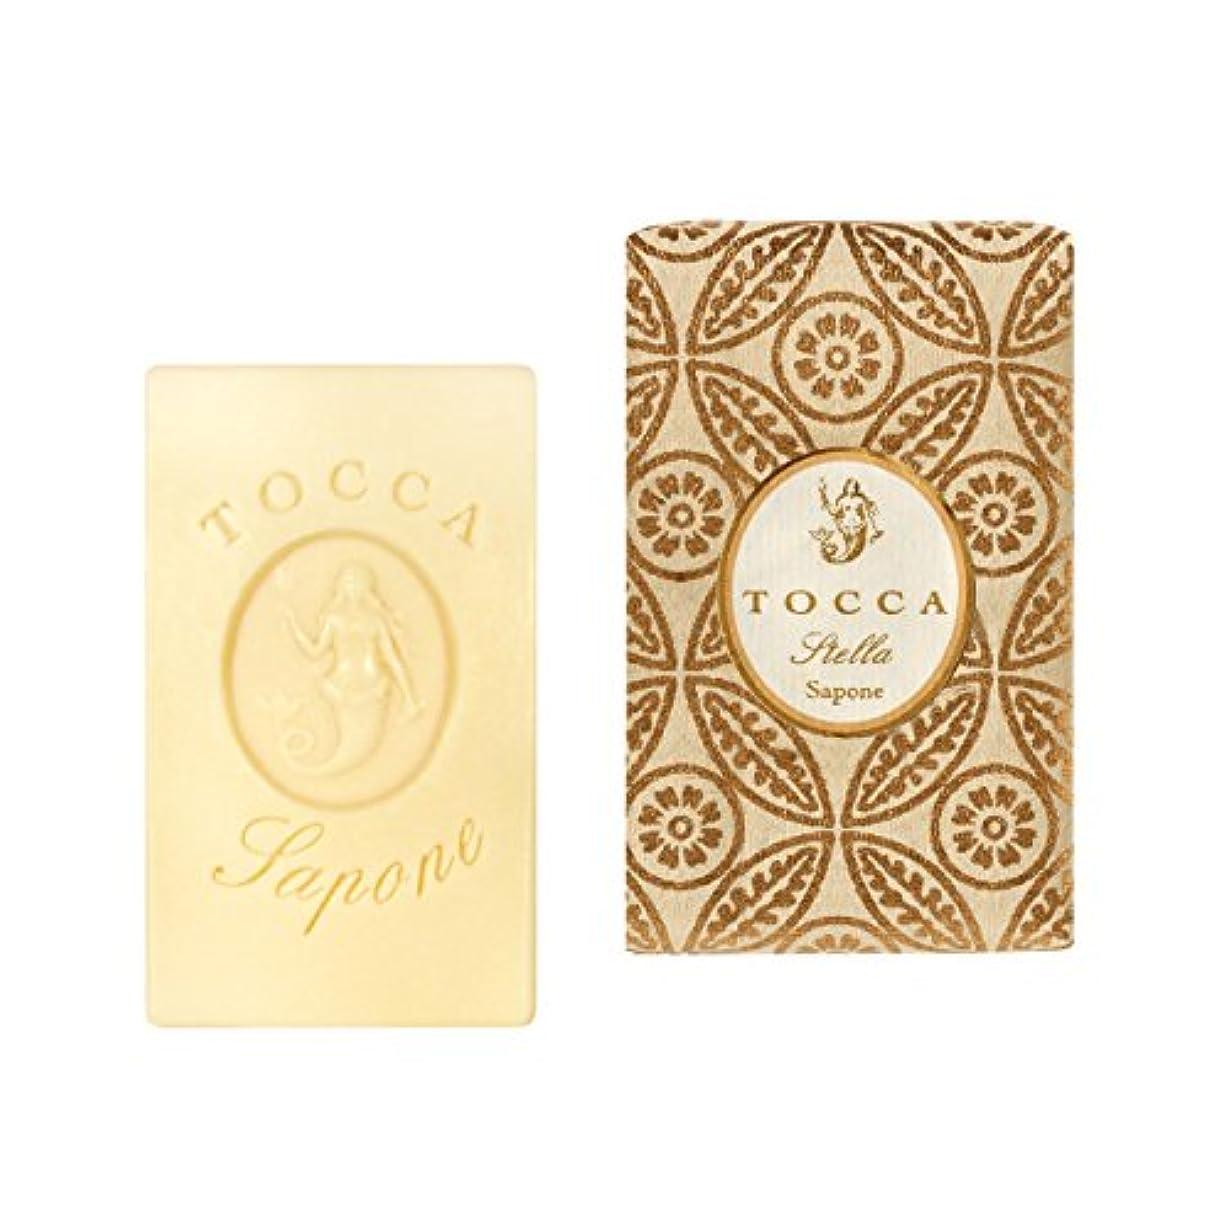 永遠の残酷な法王トッカ(TOCCA) ソープバー ステラの香り 113g(石けん 化粧石けん イタリアンブラッドオレンジが奏でるフレッシュでビターな爽やかさ漂う香り)